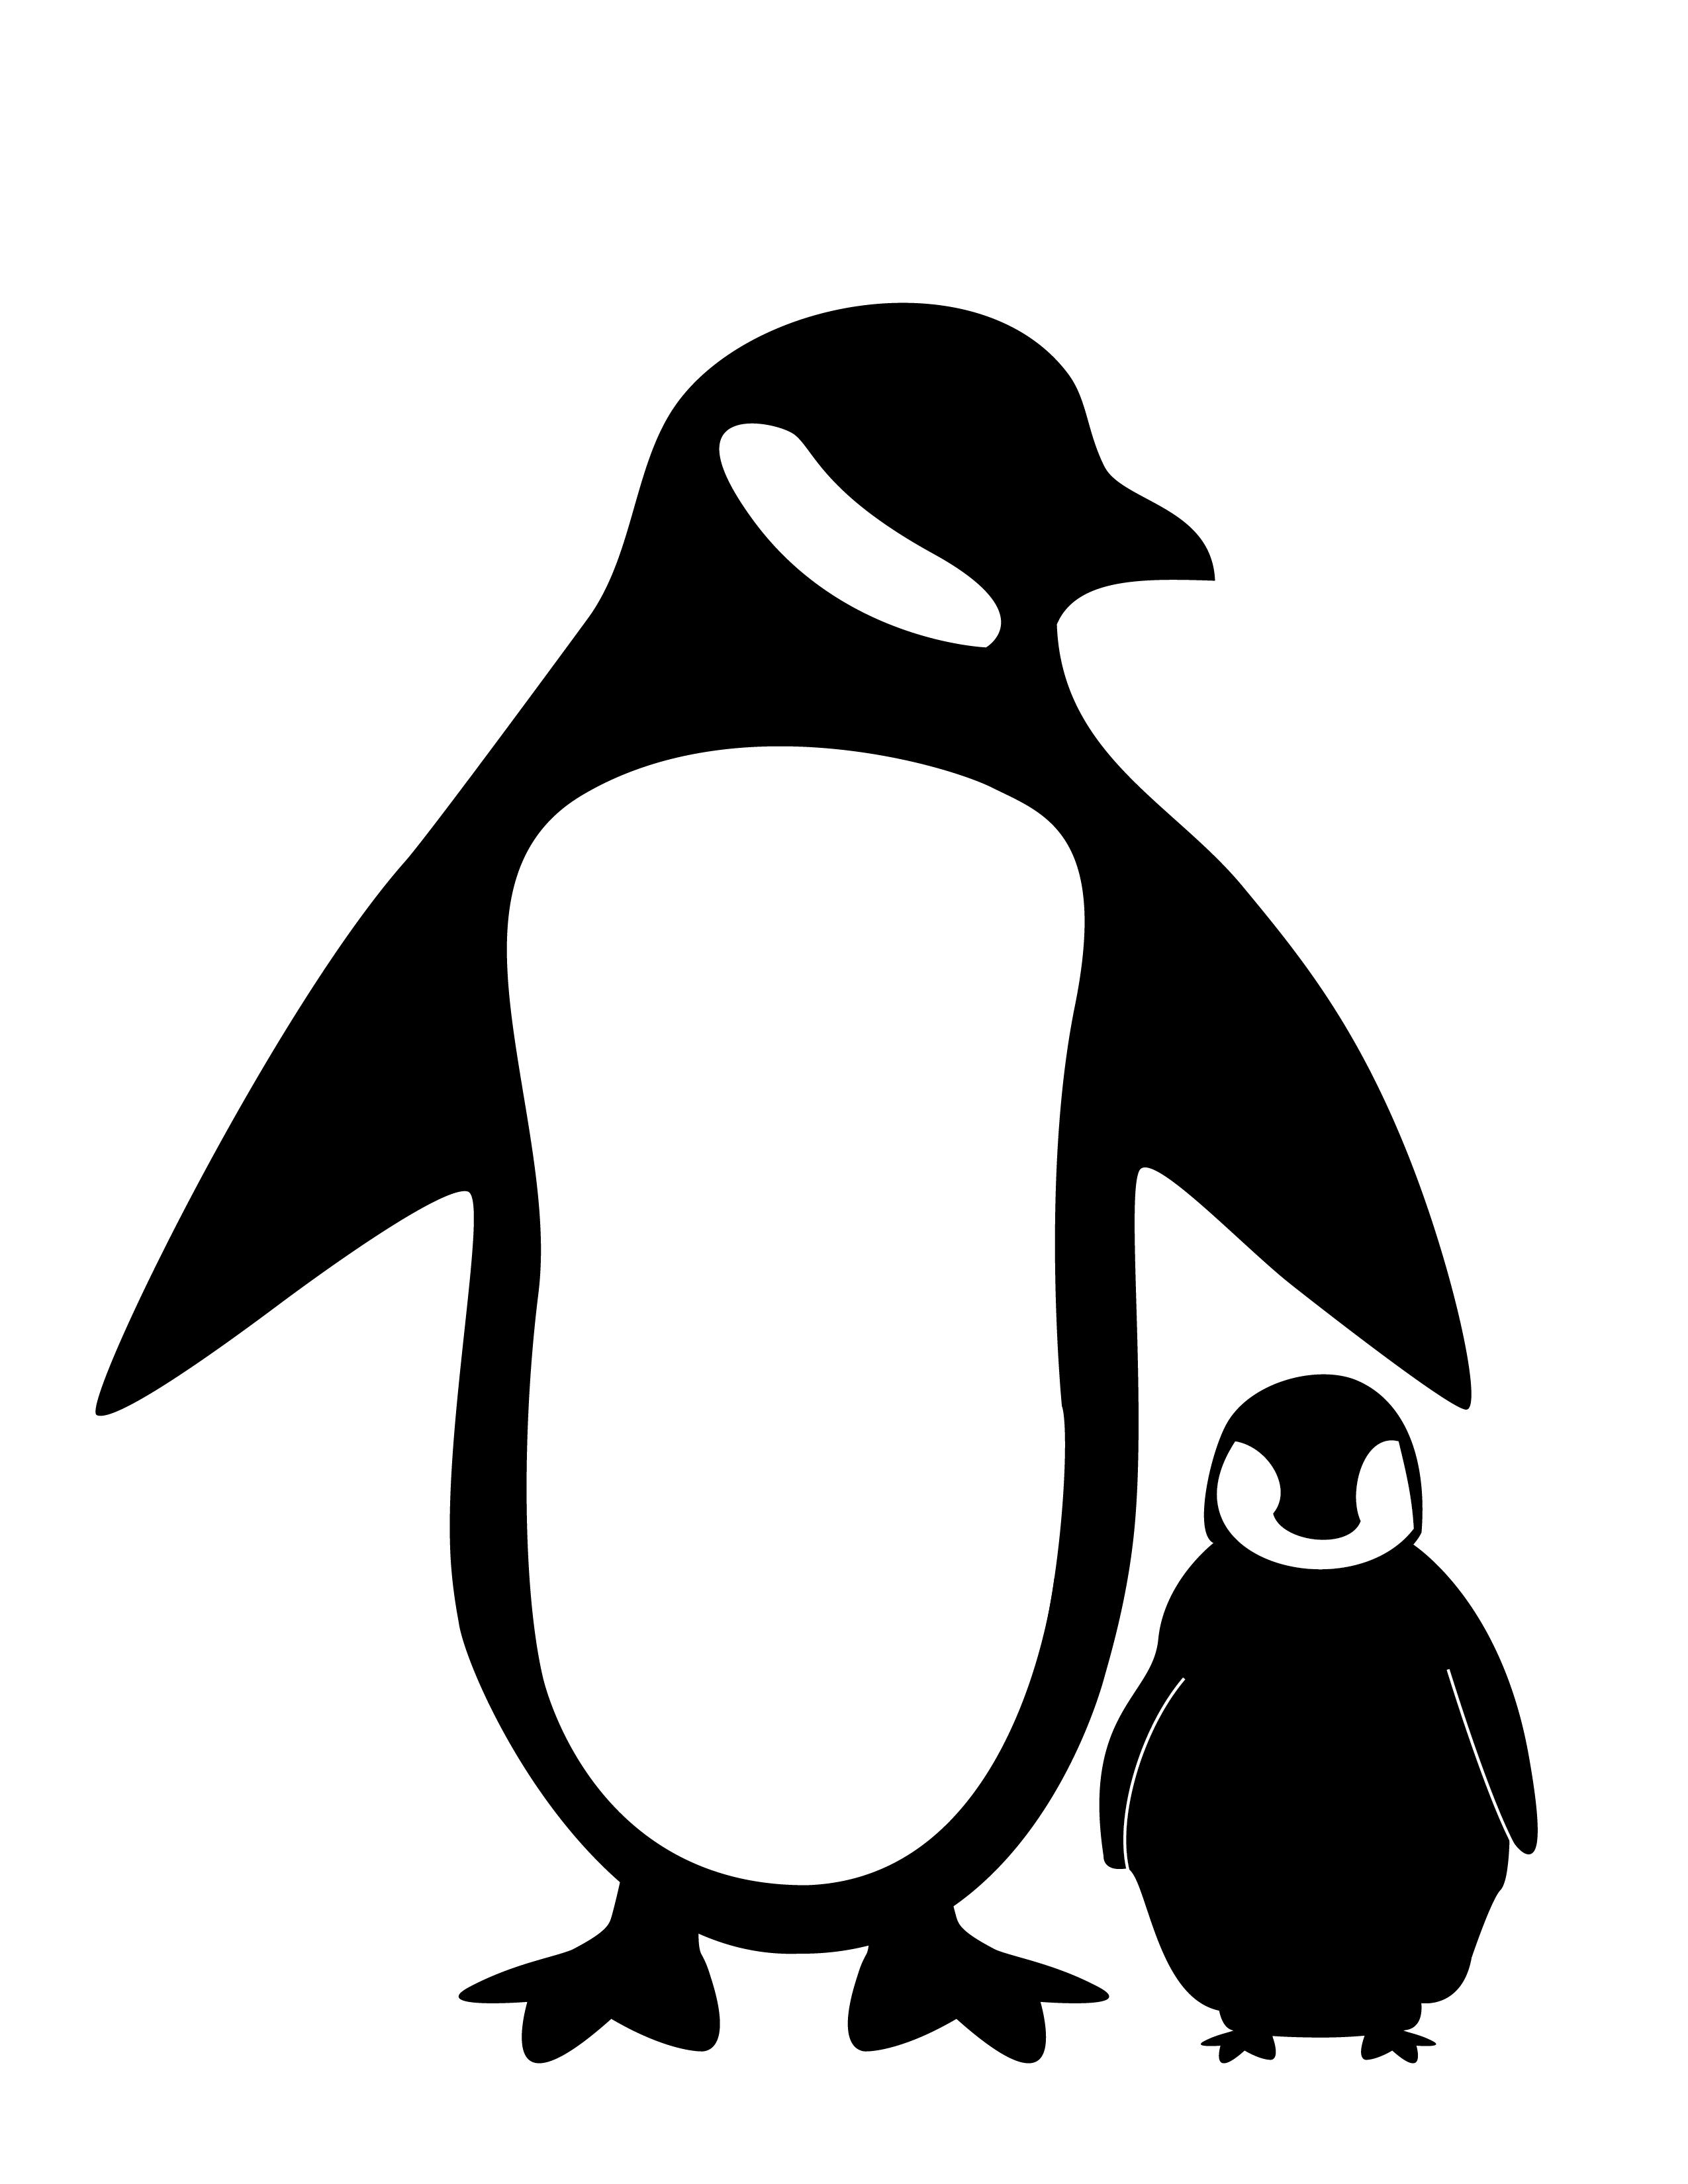 Penguin Silhouette Fc09 deviantart net black white penguin.